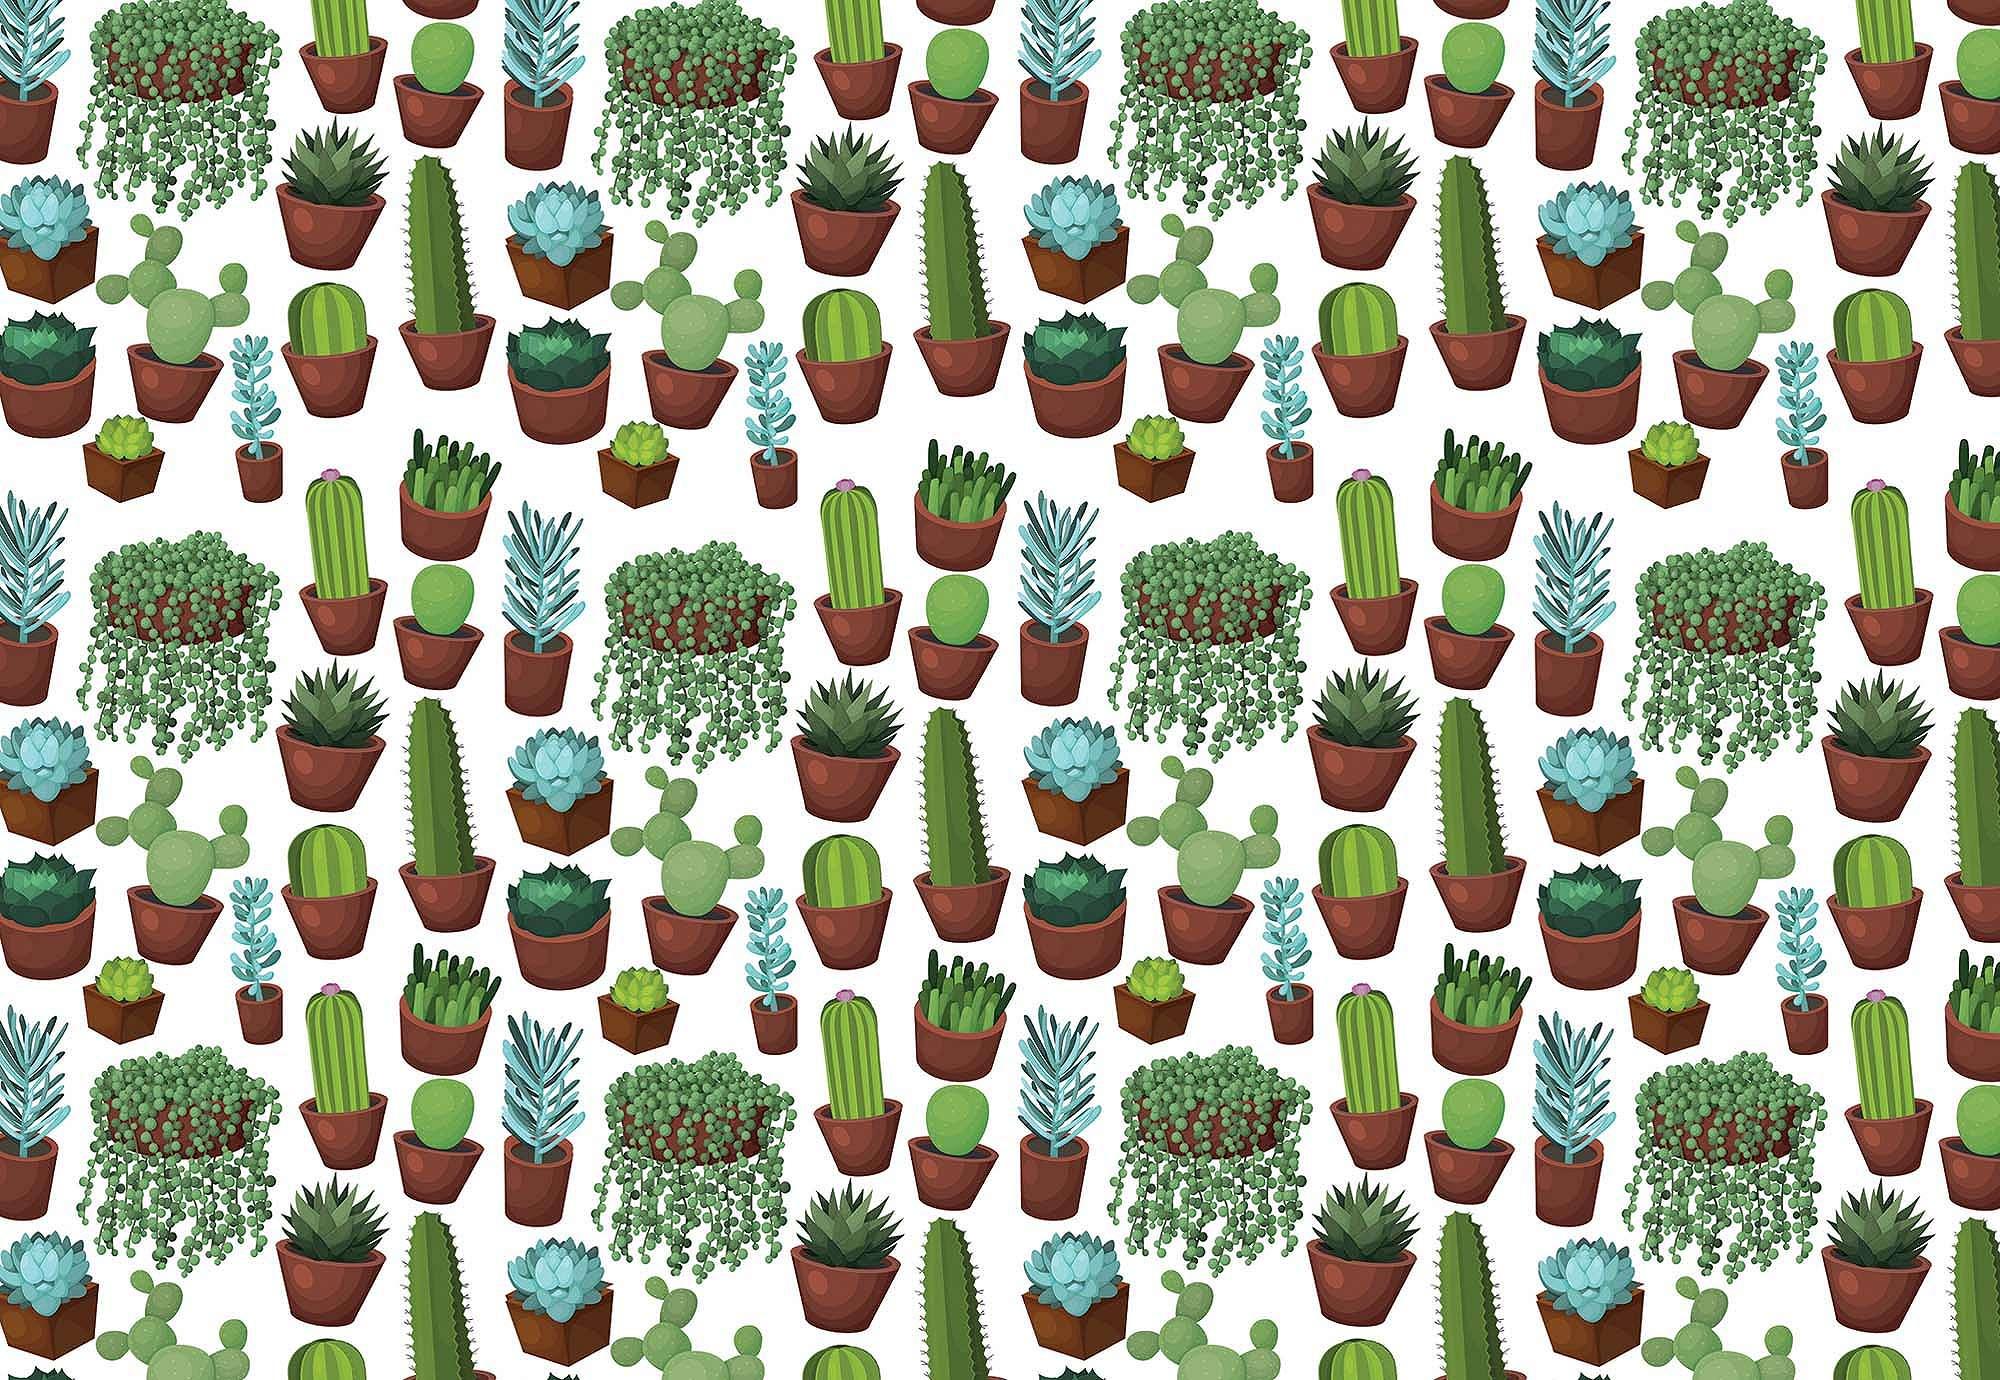 Fali poszter trendi kaktusz mintával zöld színvilágban